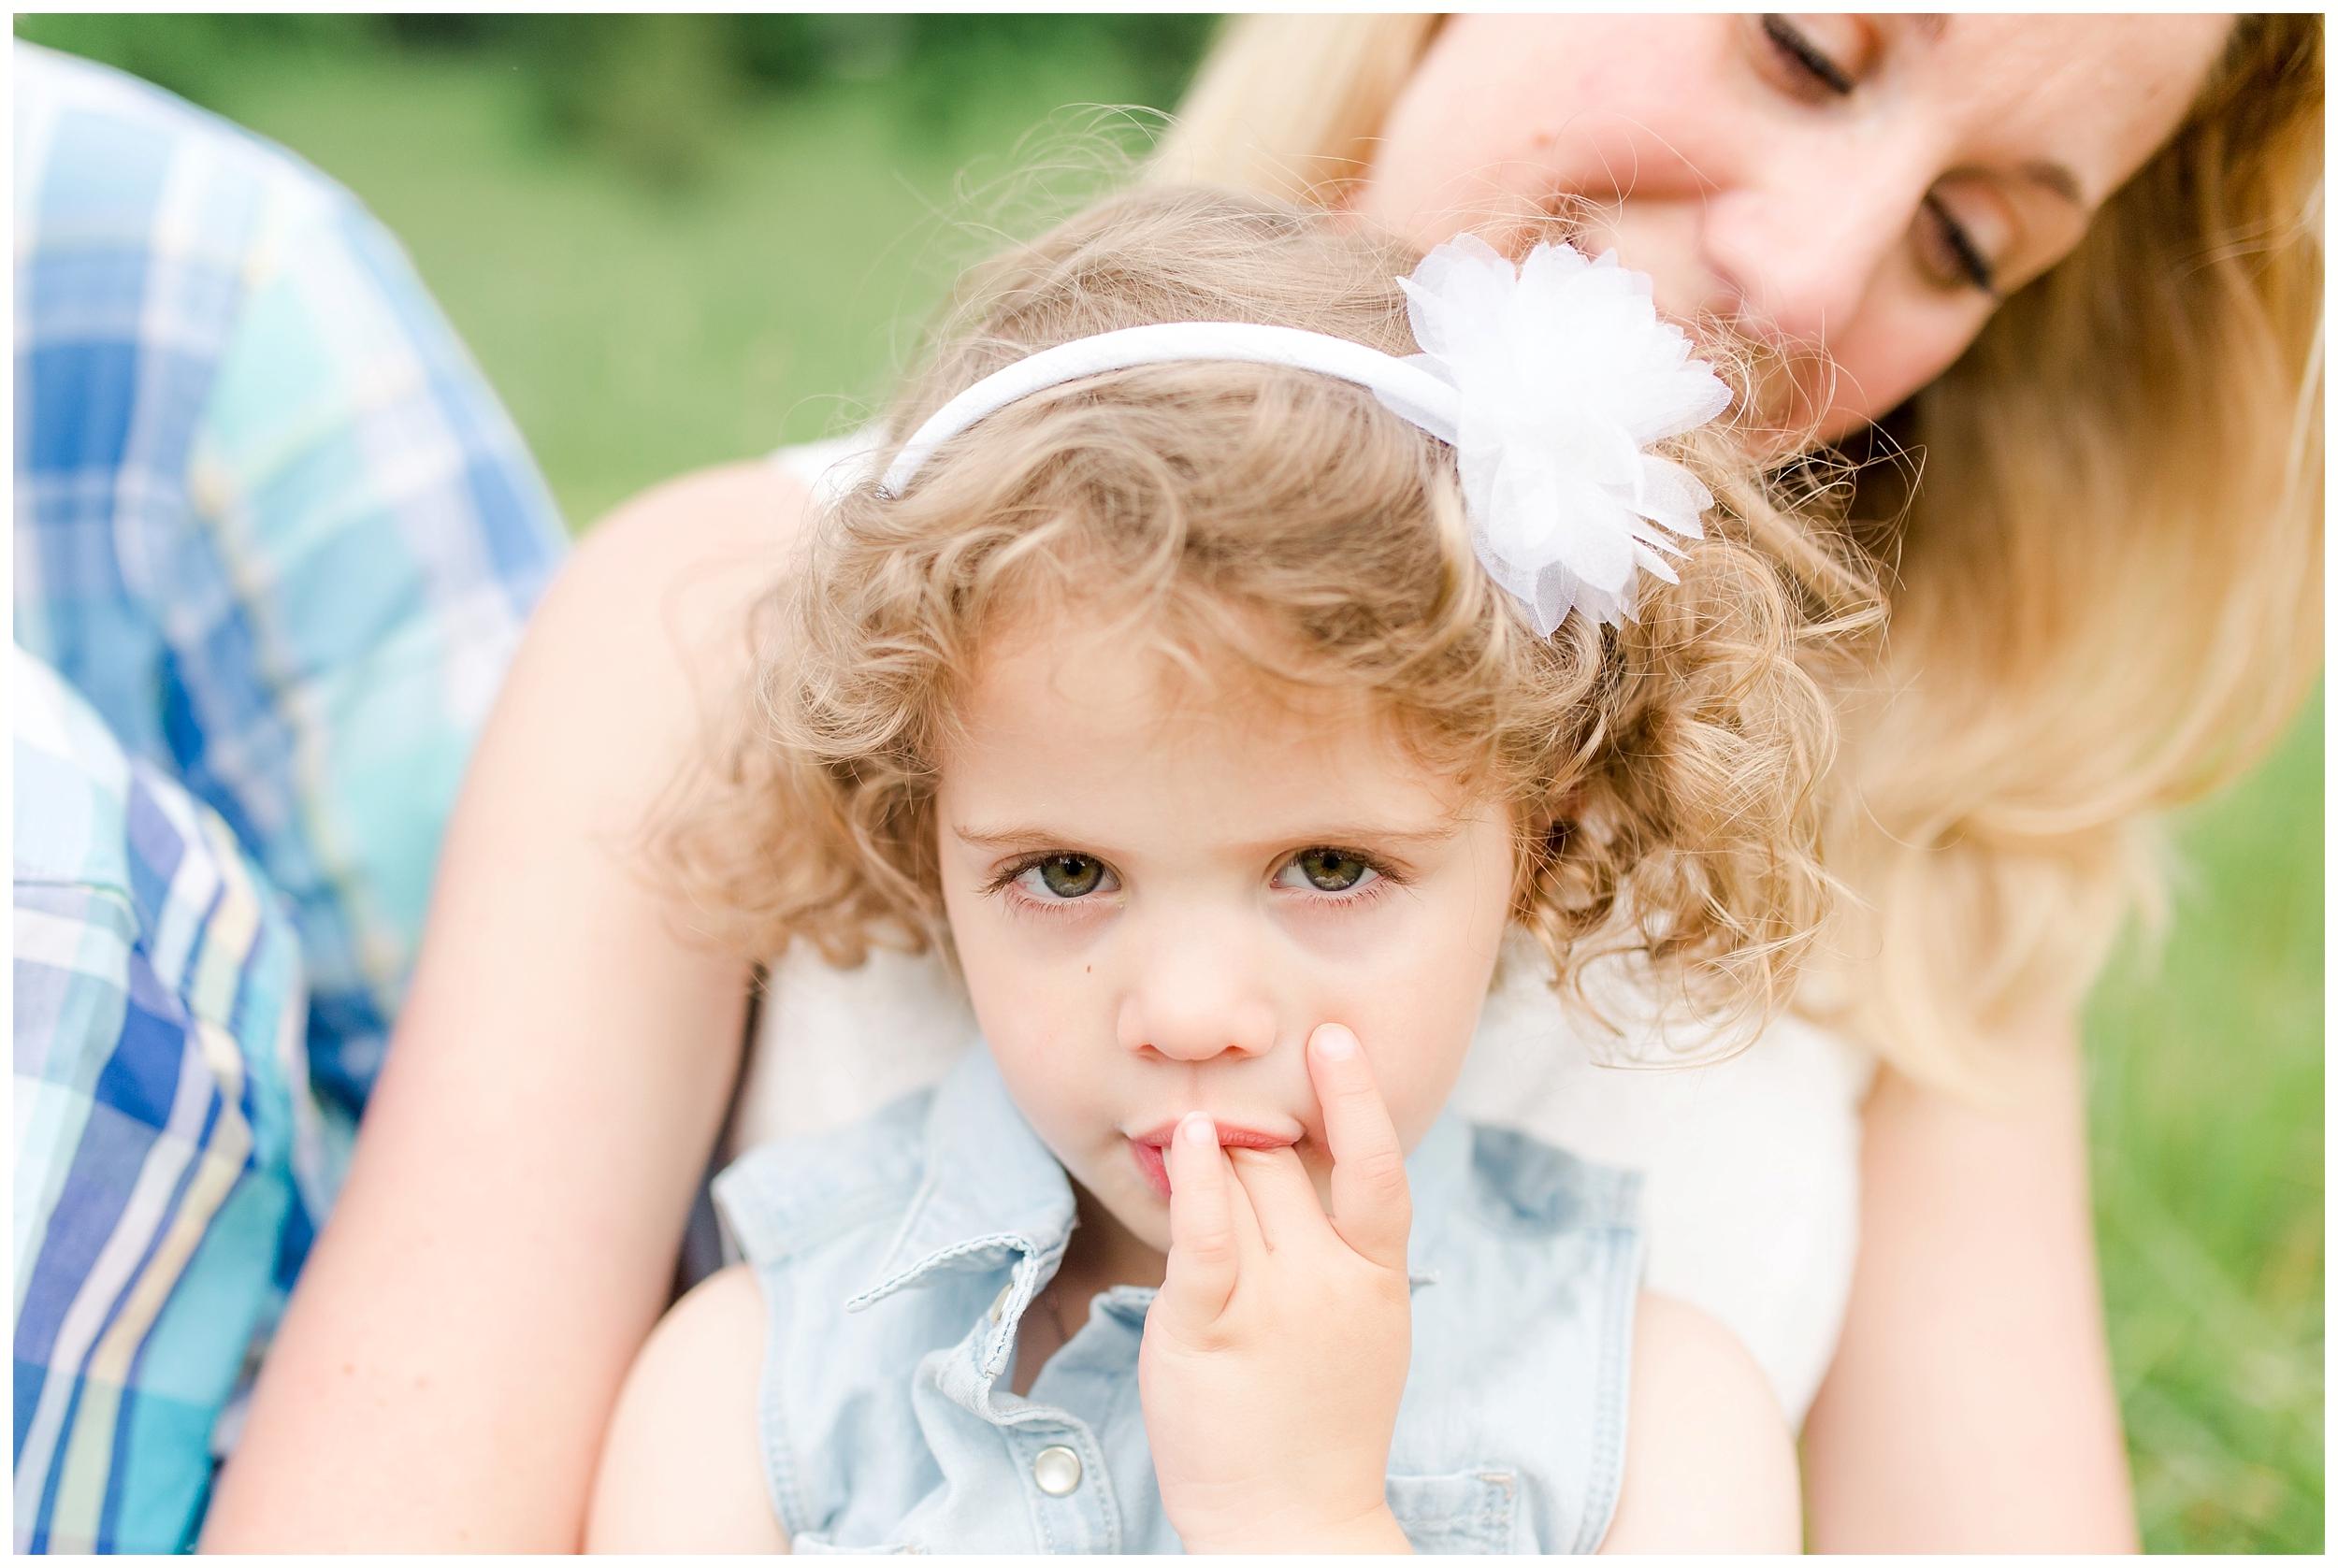 lexington-ky-family-lifestyle-photos-by-priscilla-baierlein_1173.jpg